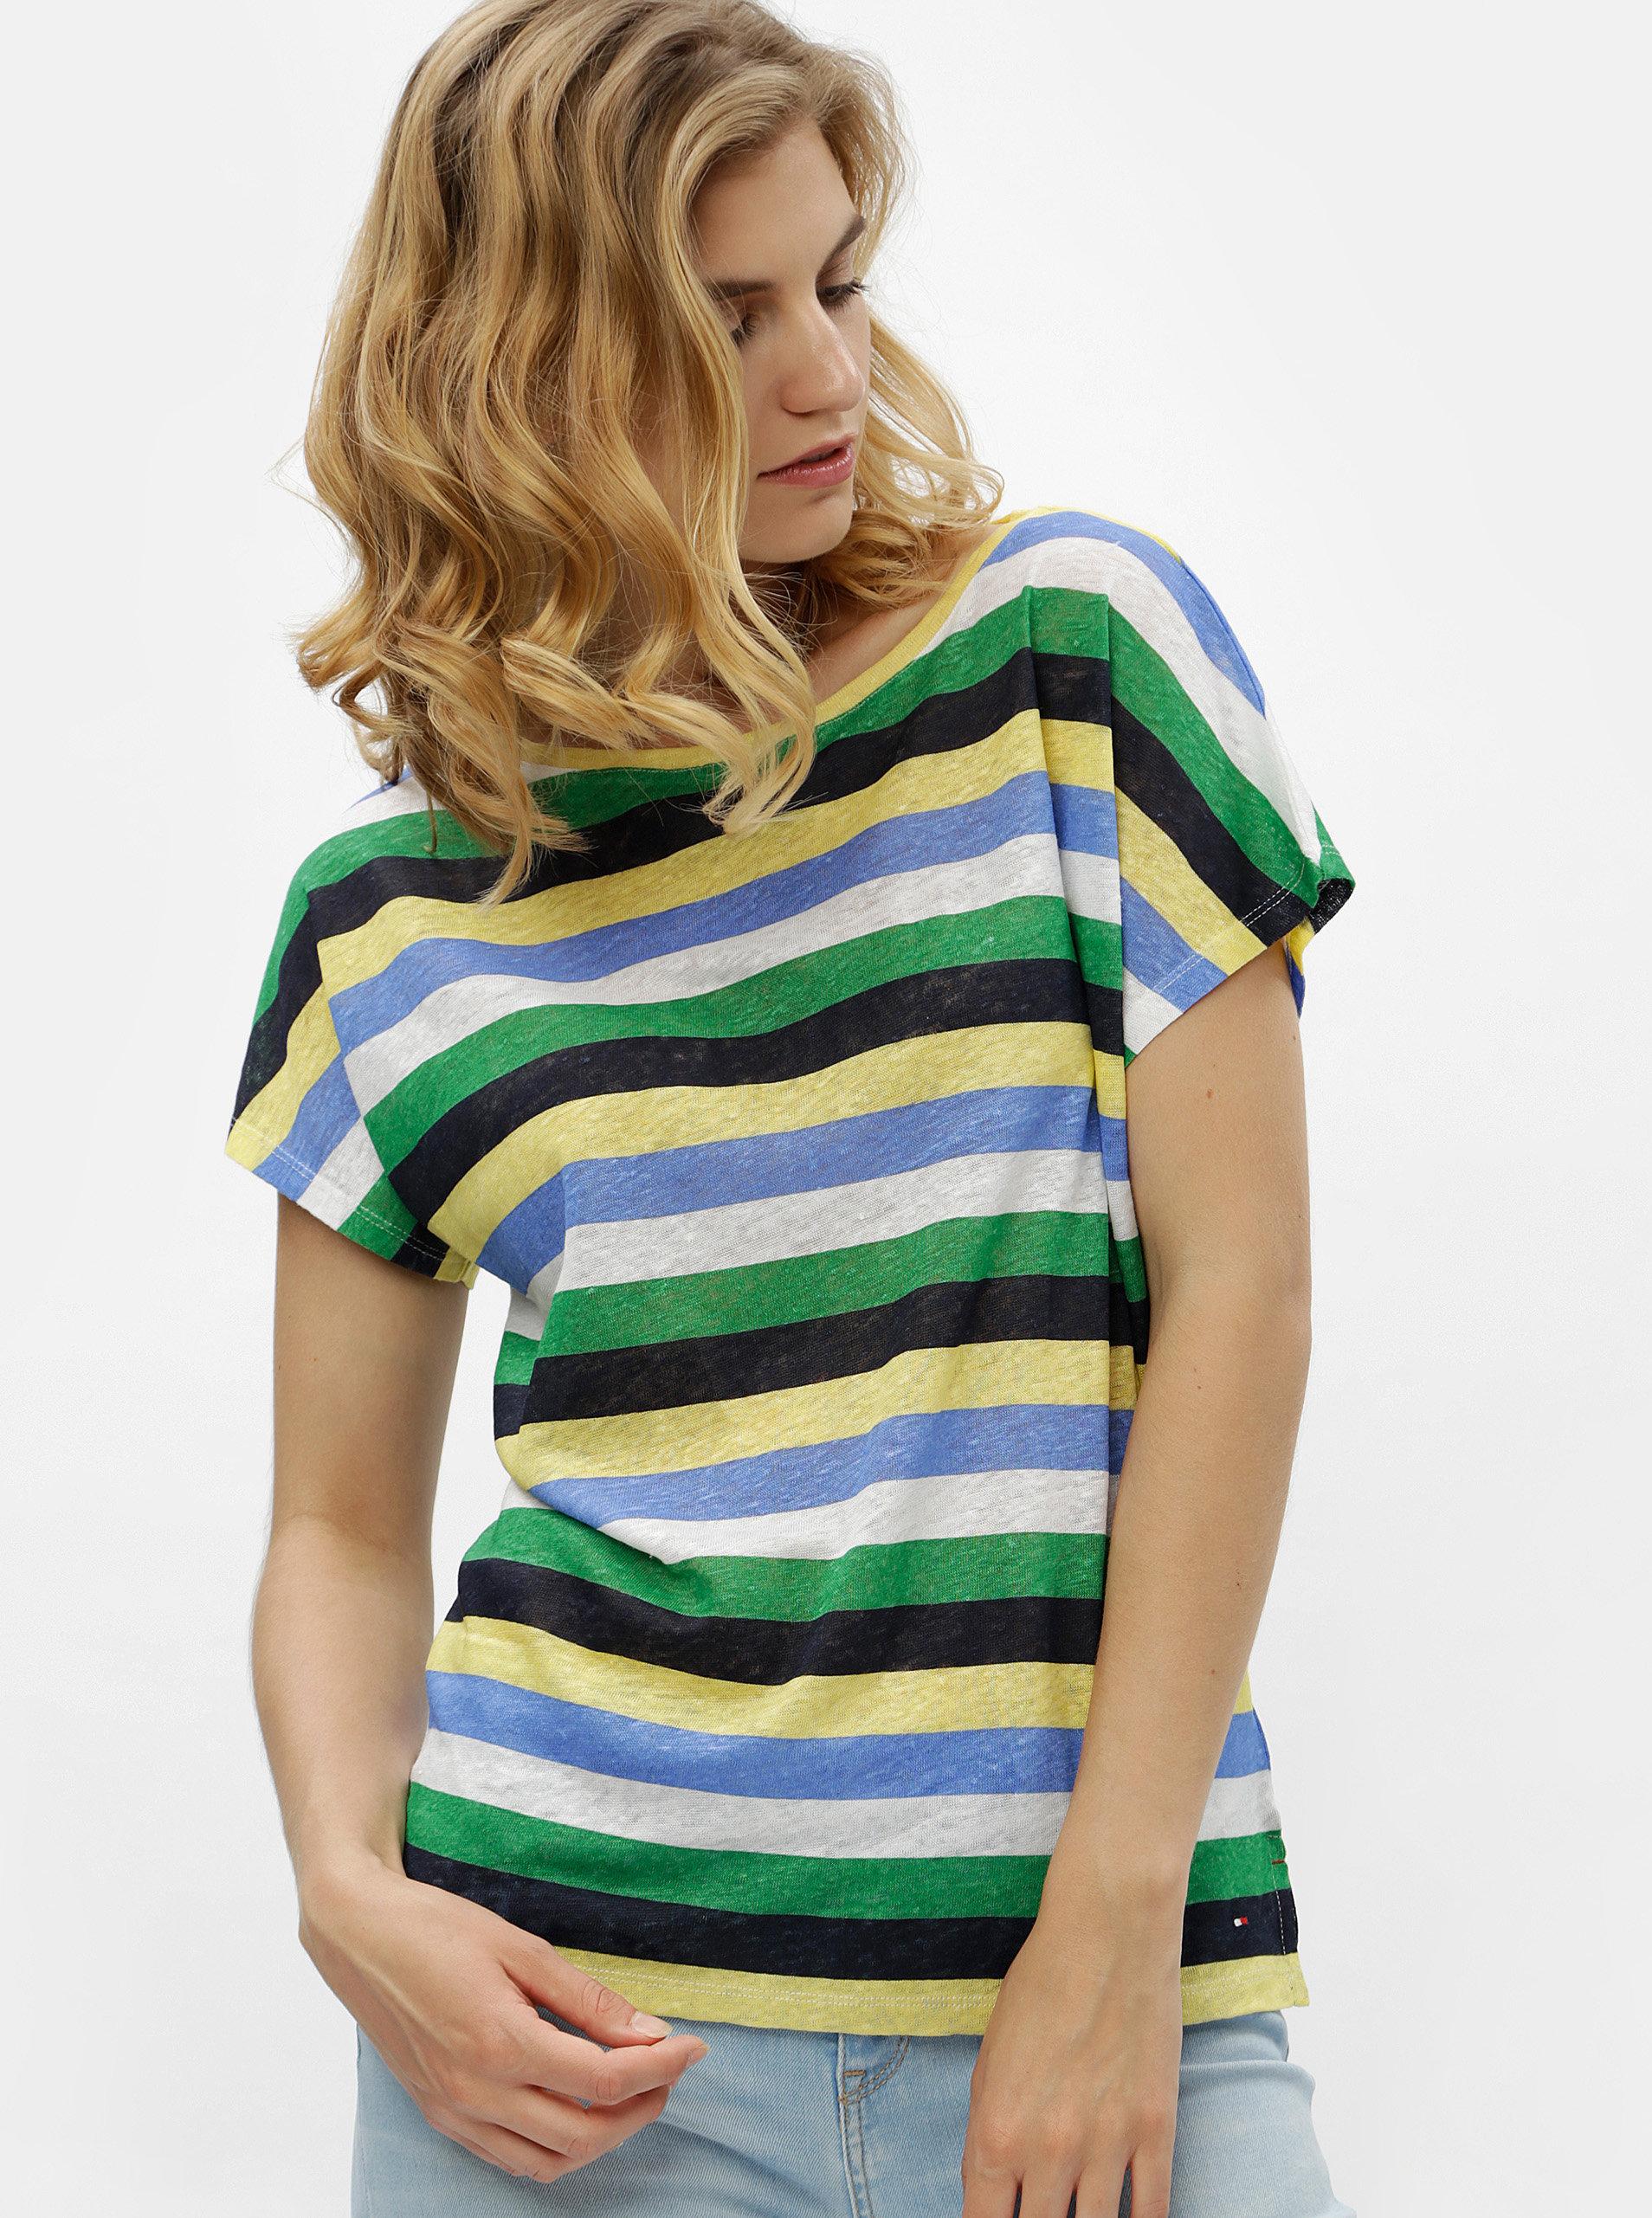 Zeleno-žluté dámské pruhované lněné tričko Tommy Hilfiger ... 73ddecce13